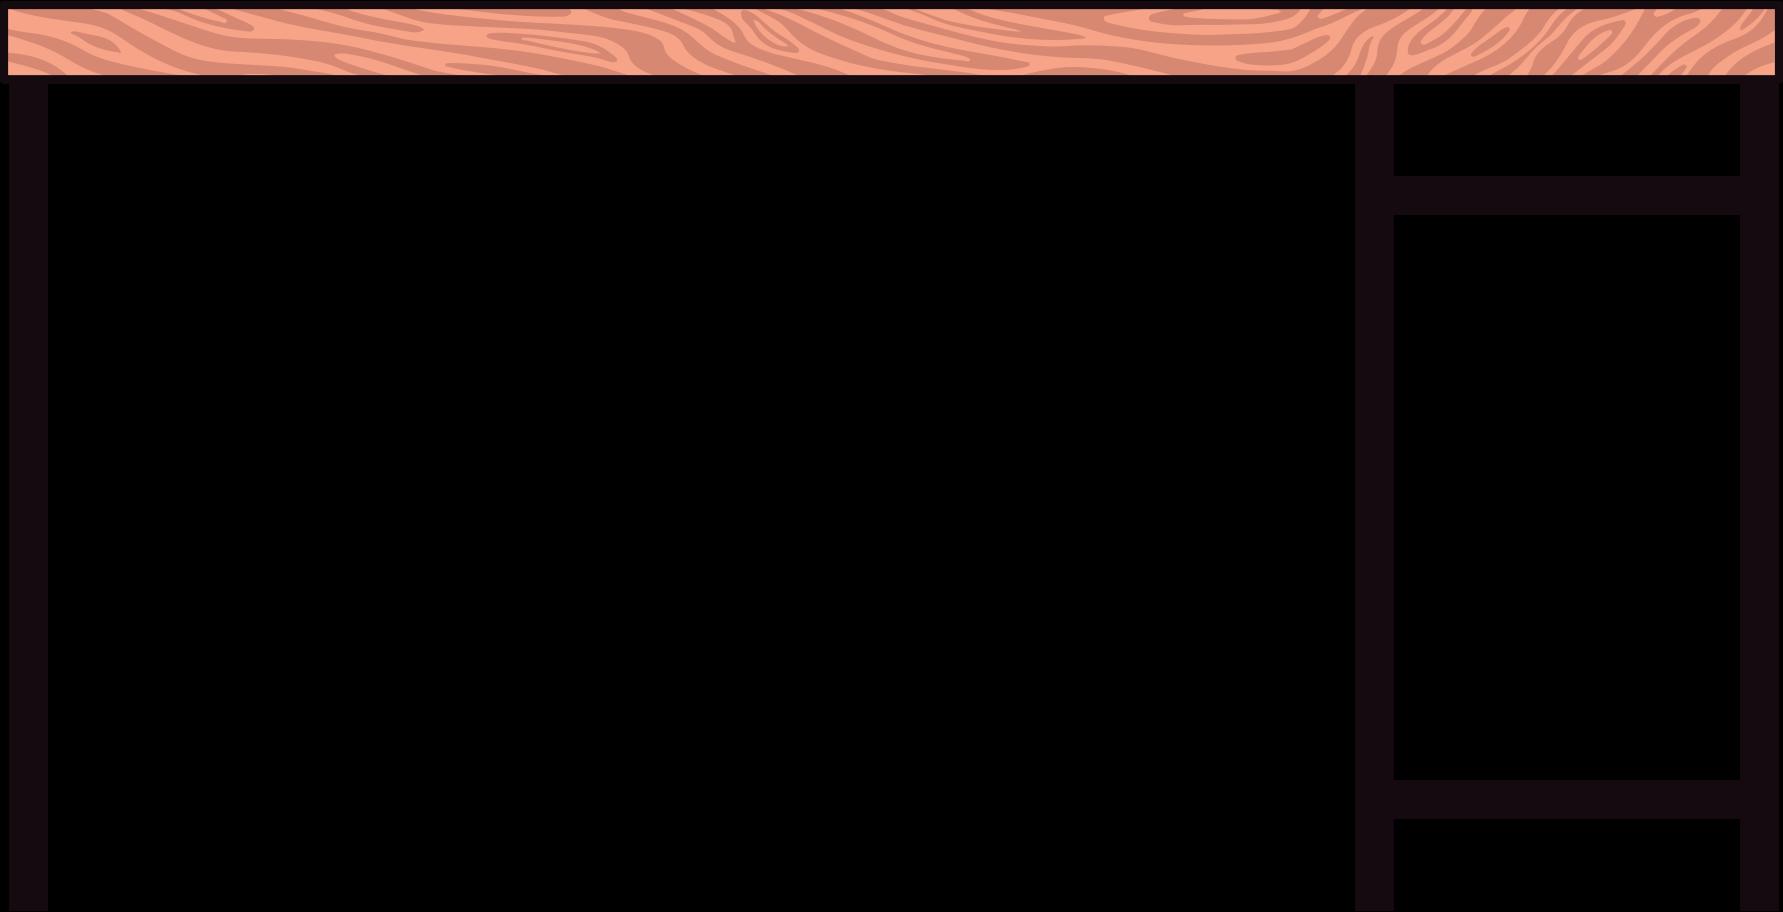 design  desk Clipart illustration in PNG, SVG